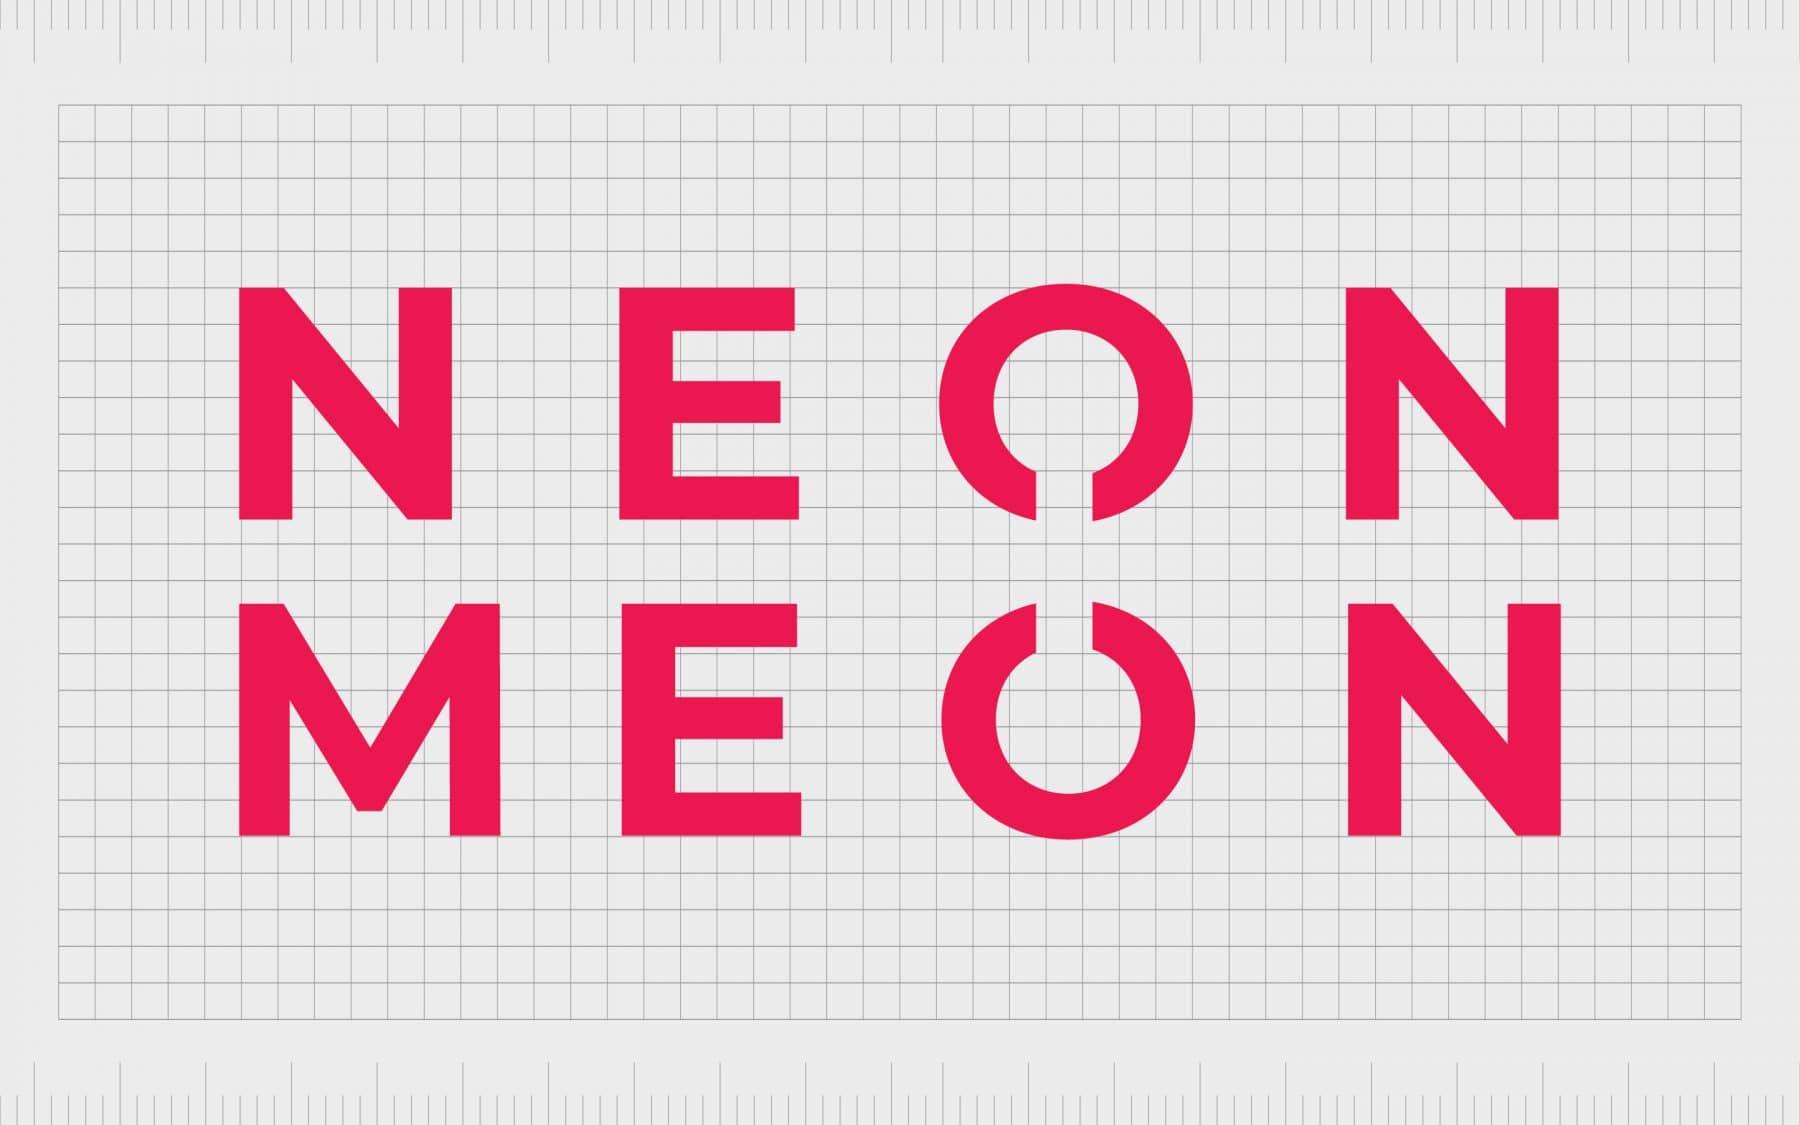 Neonmeon